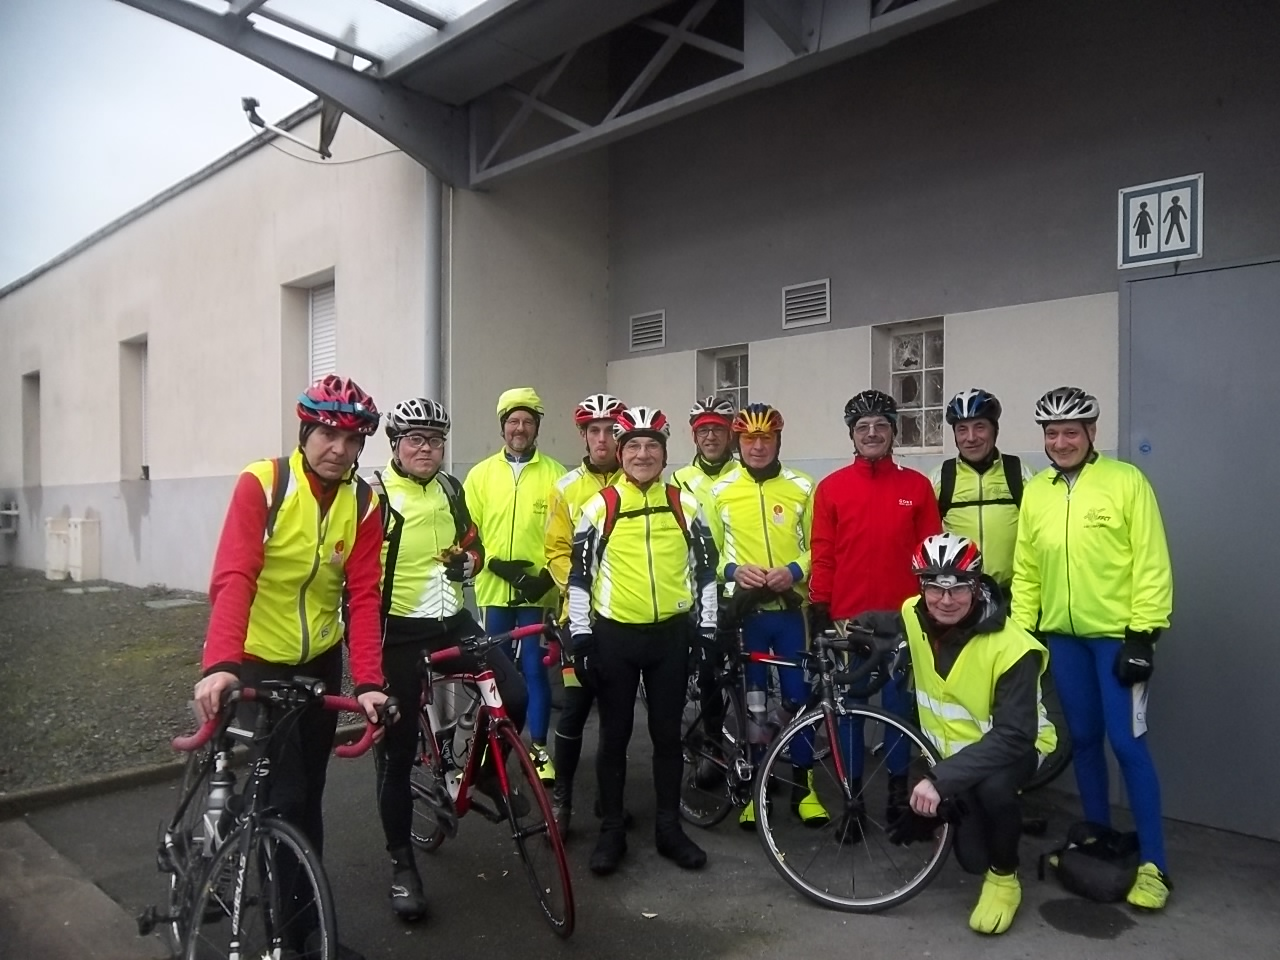 Rencontre Dodécaudax du 05/03/2016 - pause à Saint-Michel-Mont-Mercure